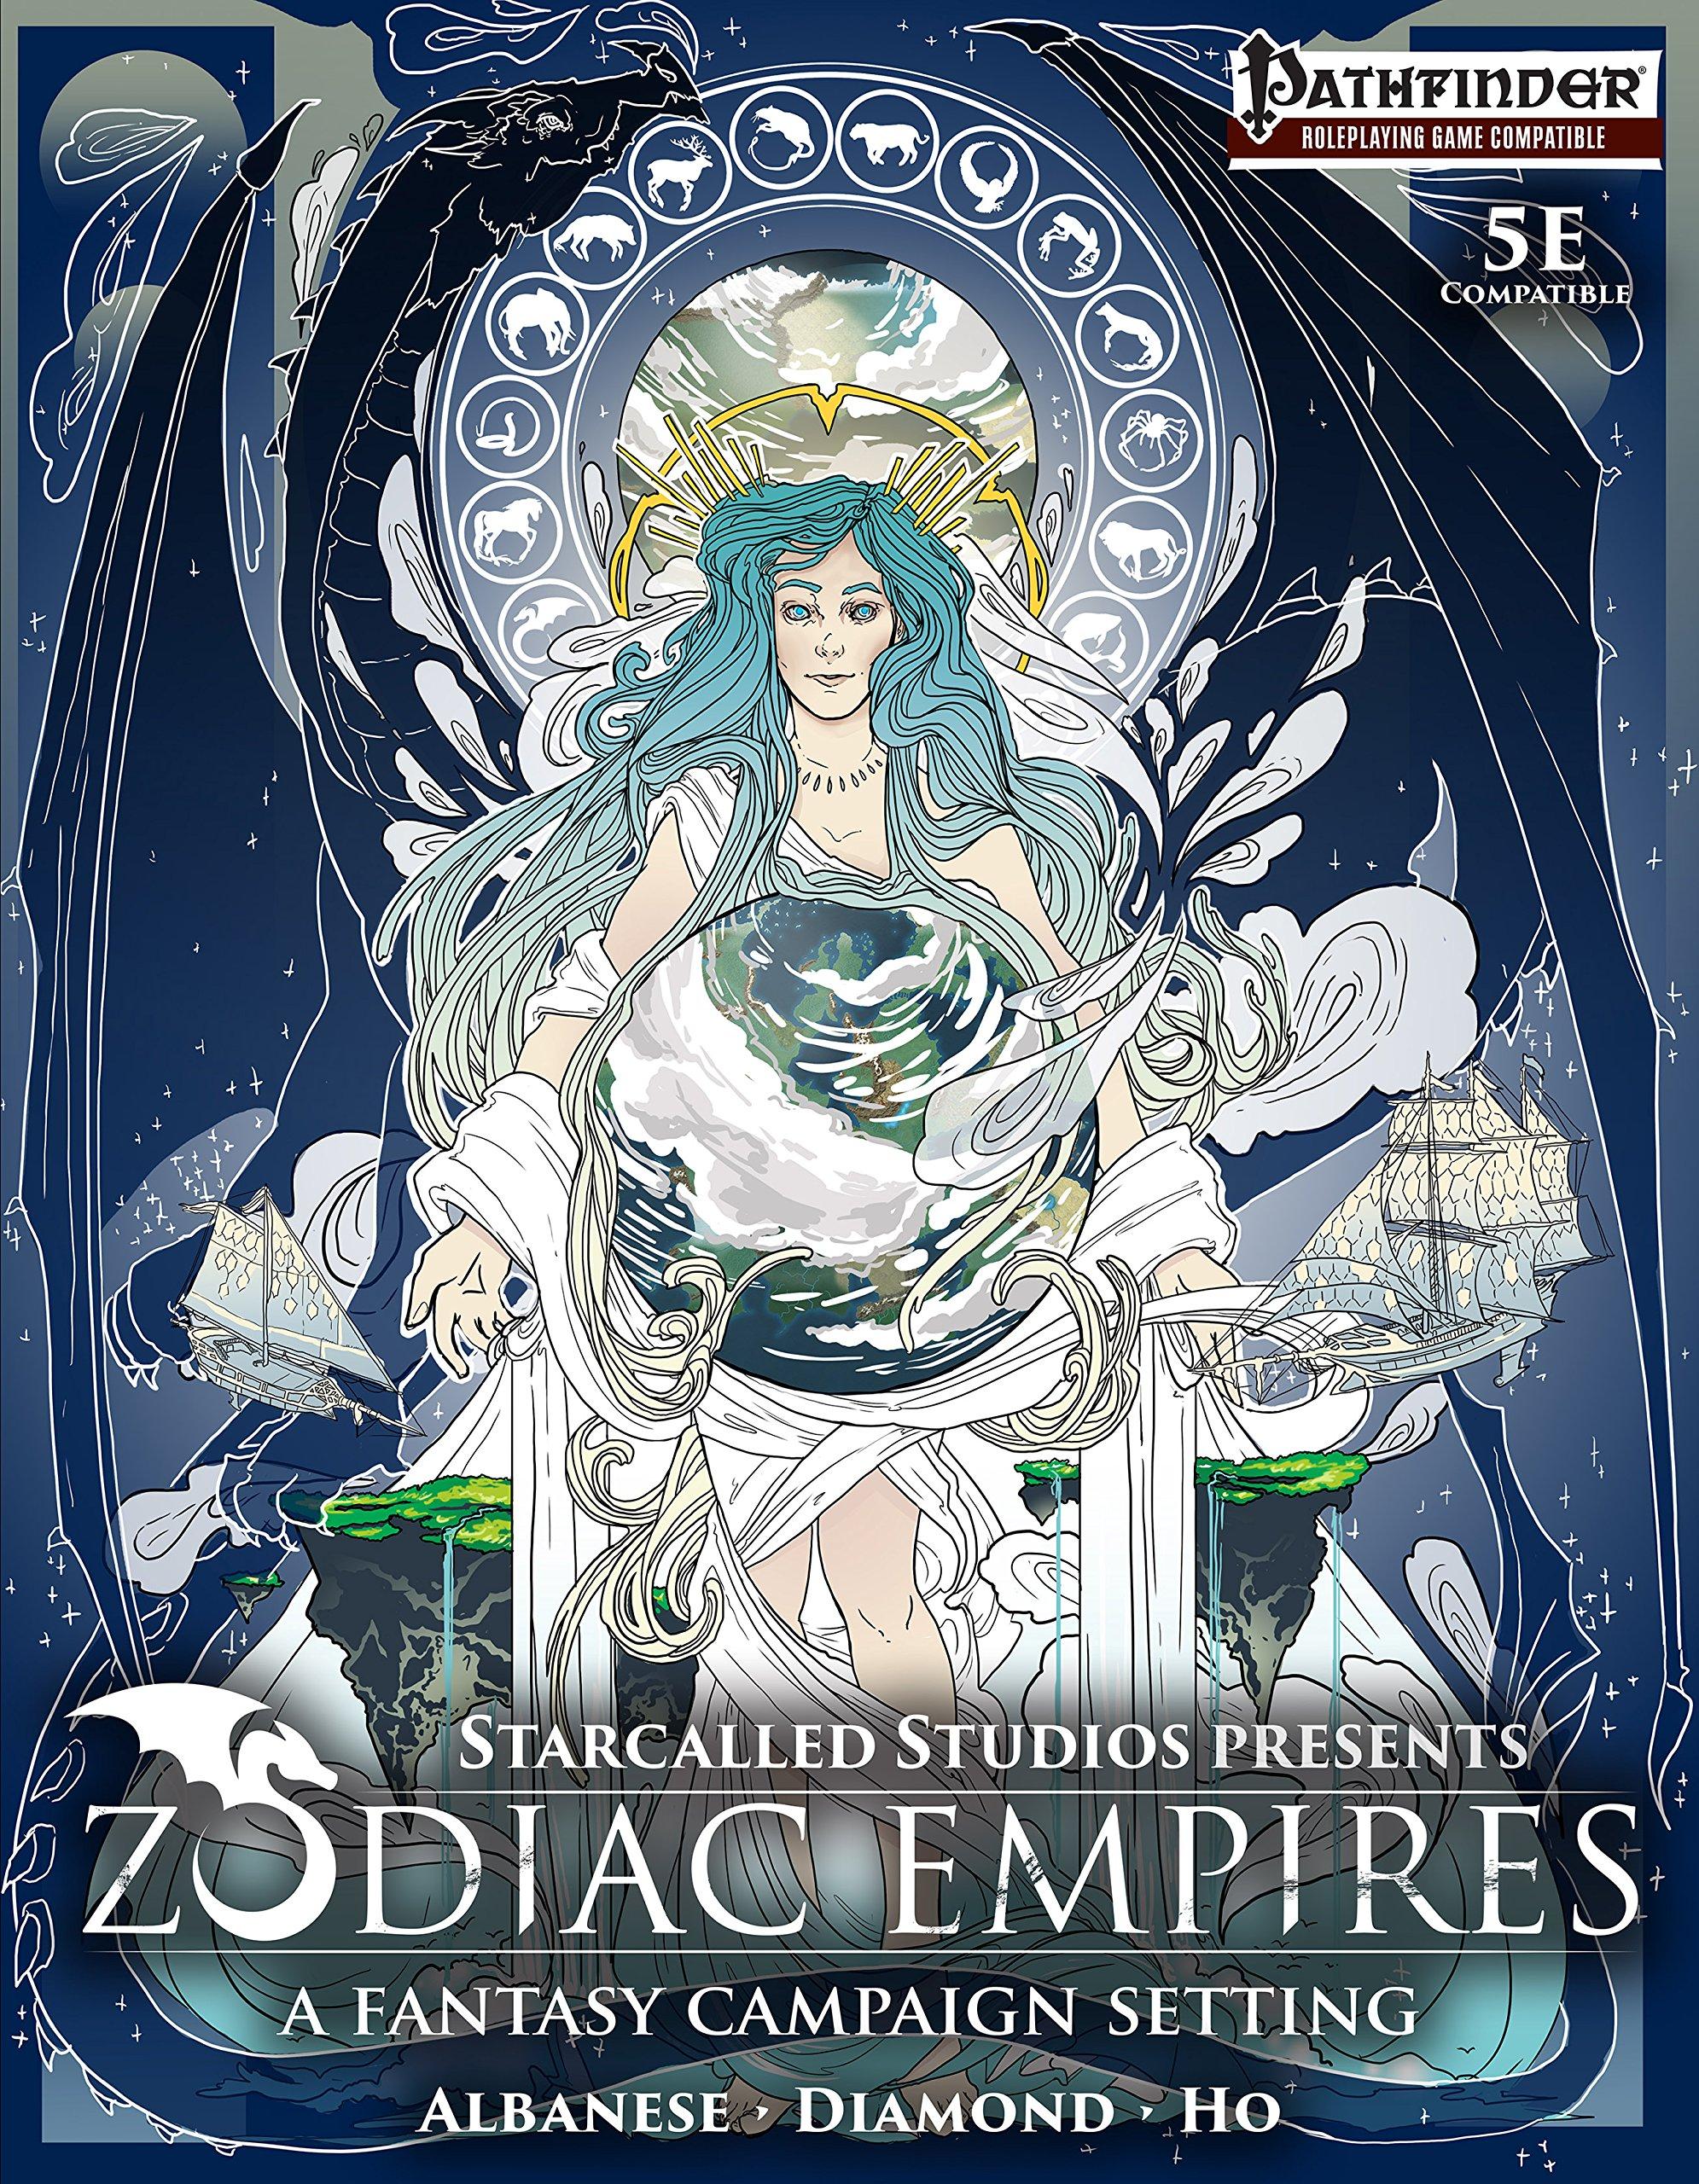 Zodiac Empires Fantasy Campaign Setting